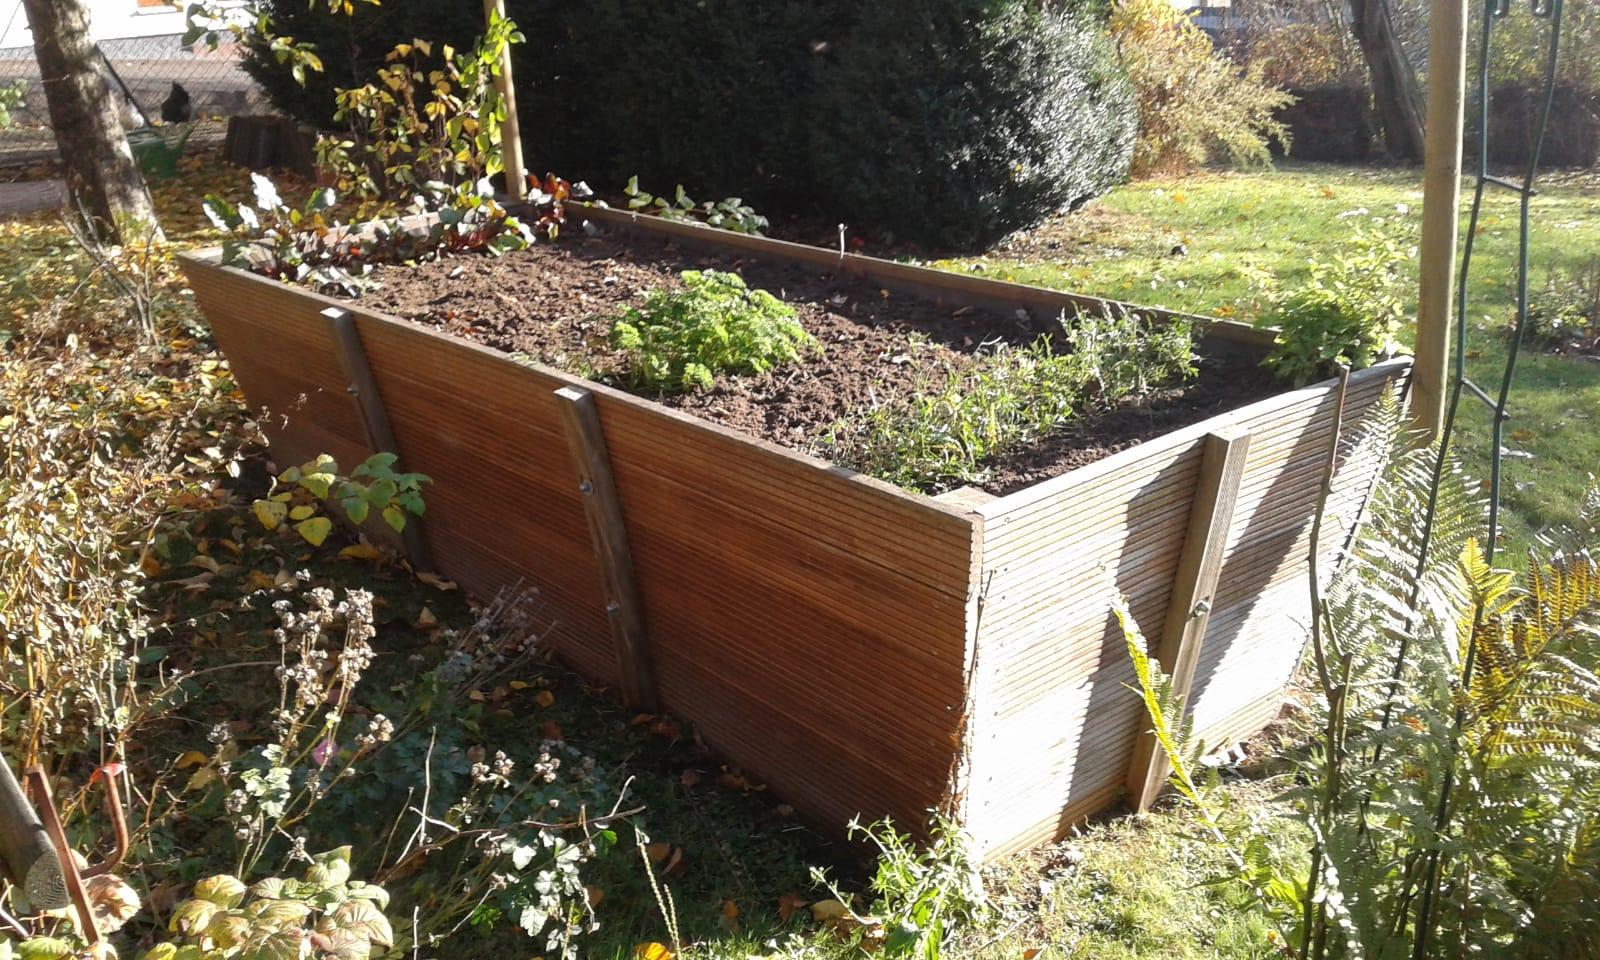 Ein sonniger Moment: das Hochbeet Ende 2018 im Korfmacher Garten.